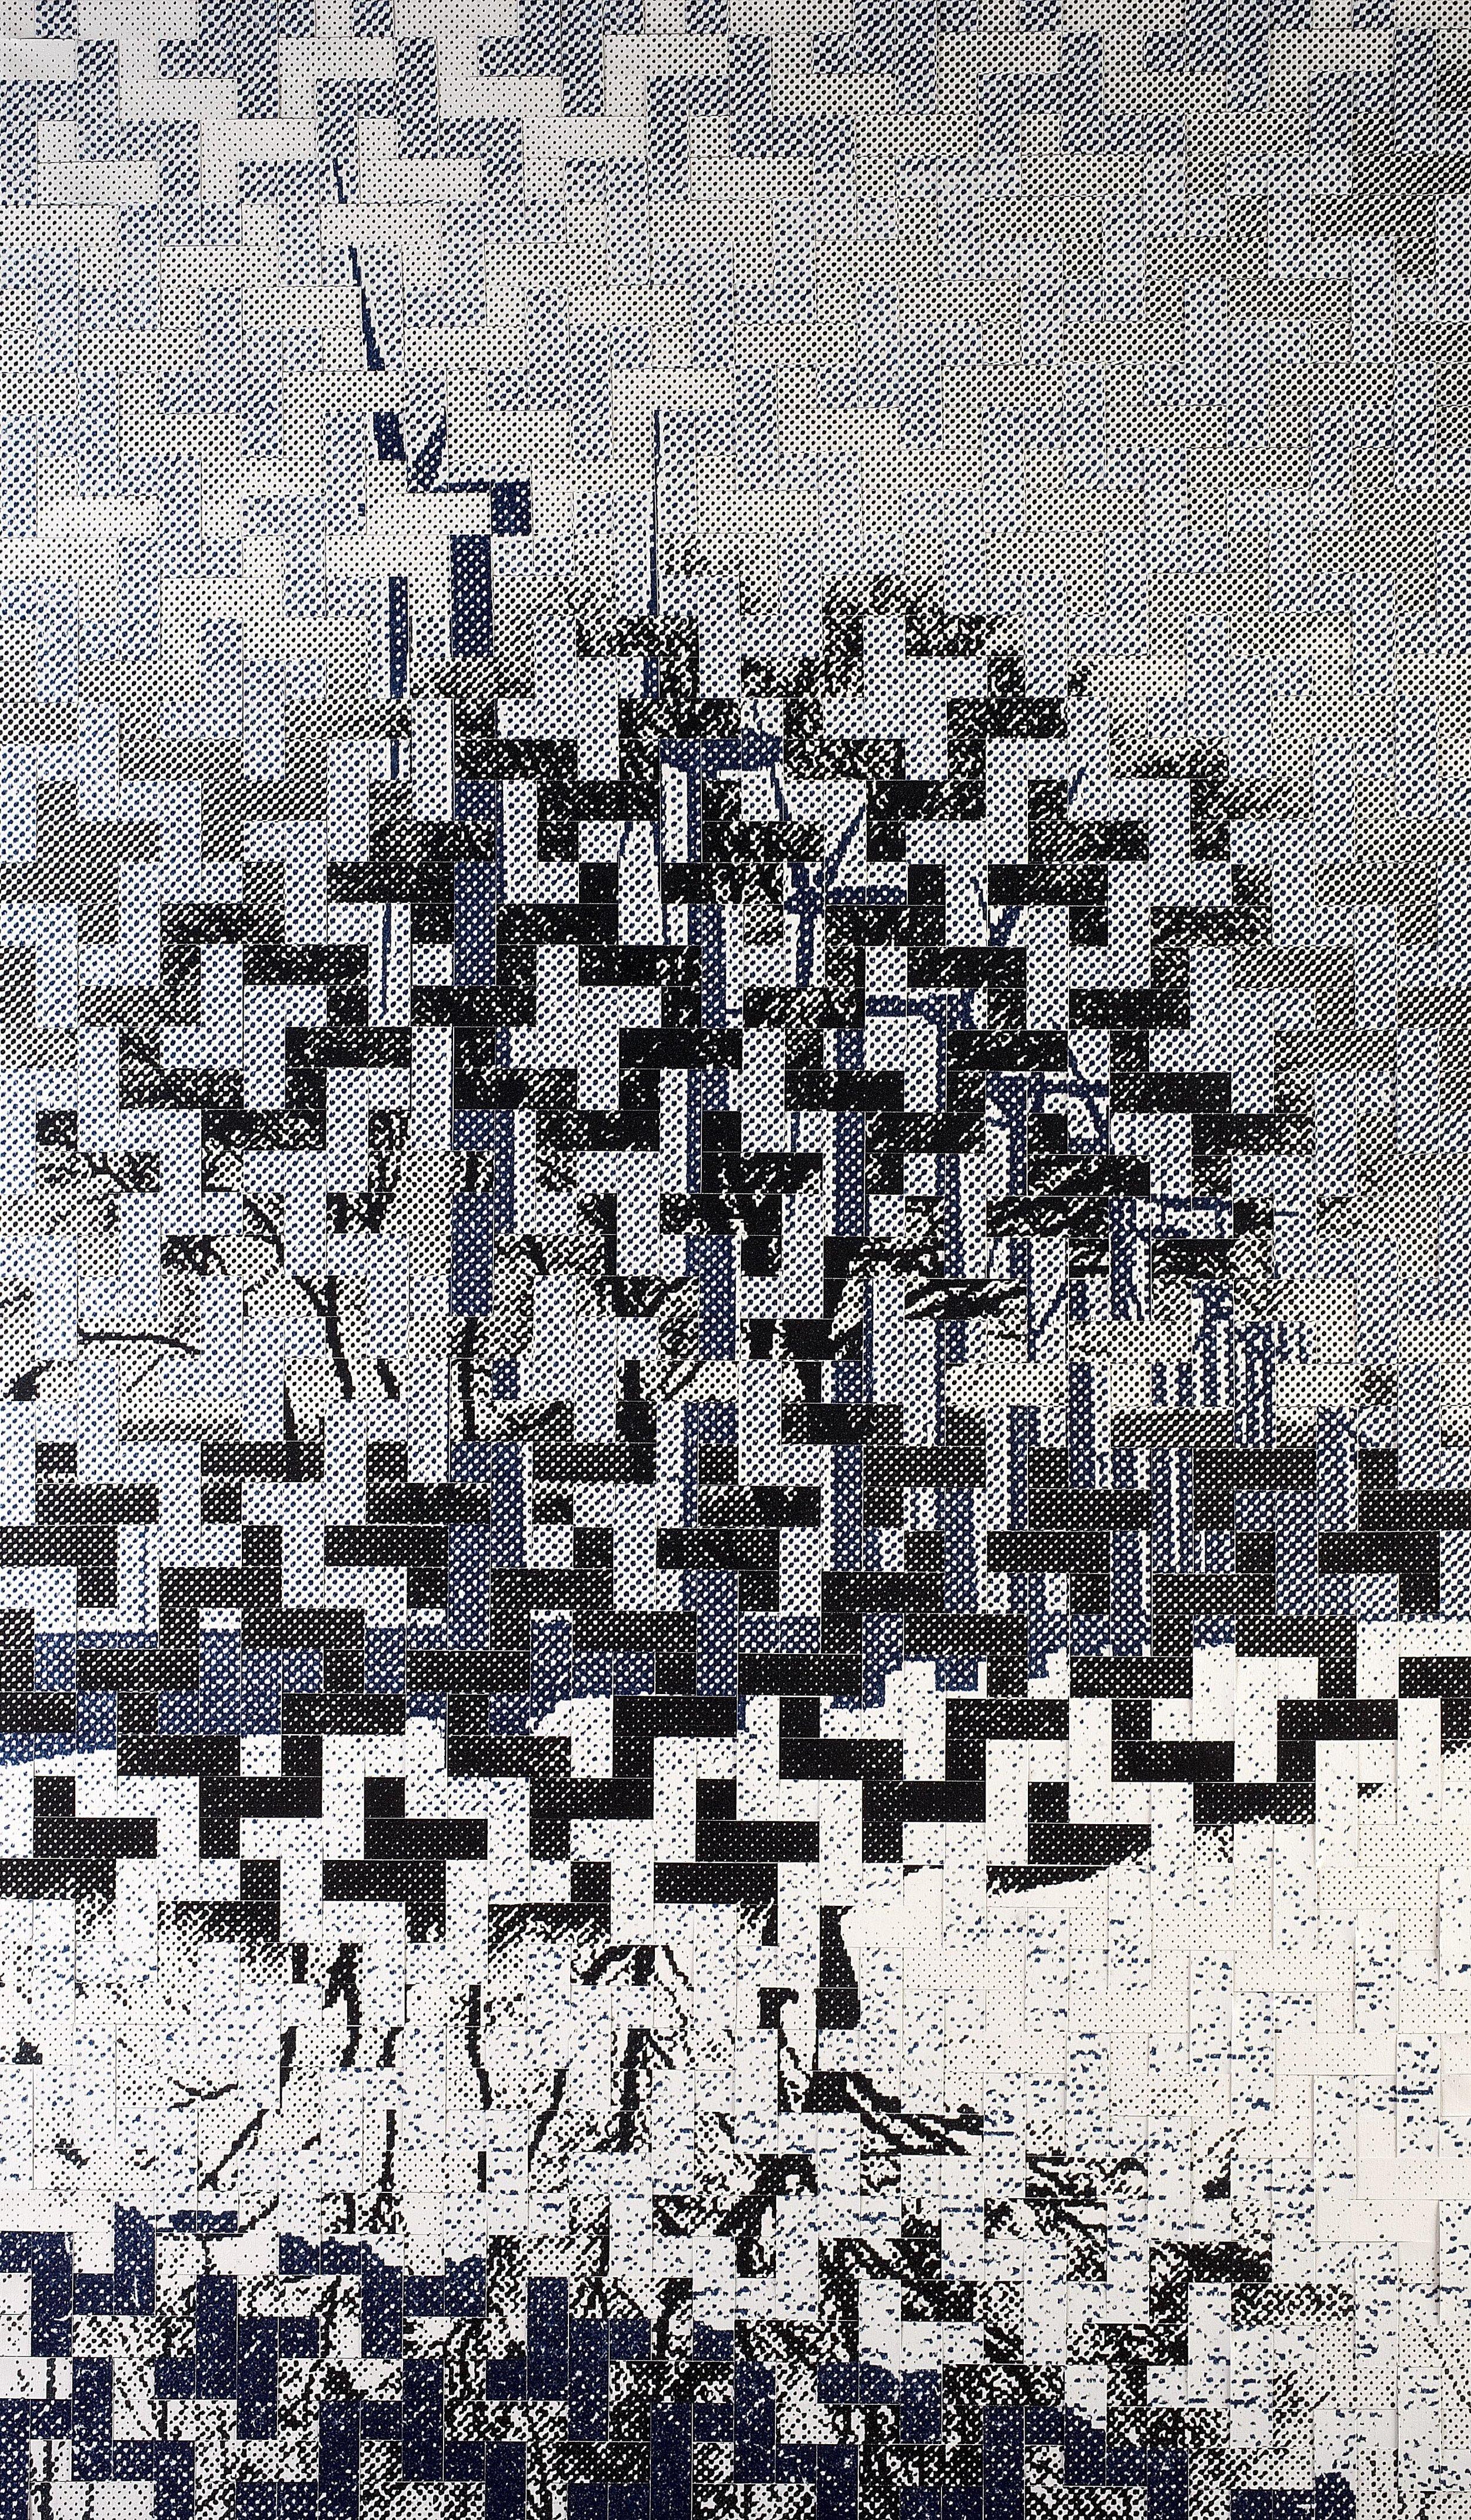 Dutch Landscapes: no. 1. Printed, woven canvas, 250 x 150 cm